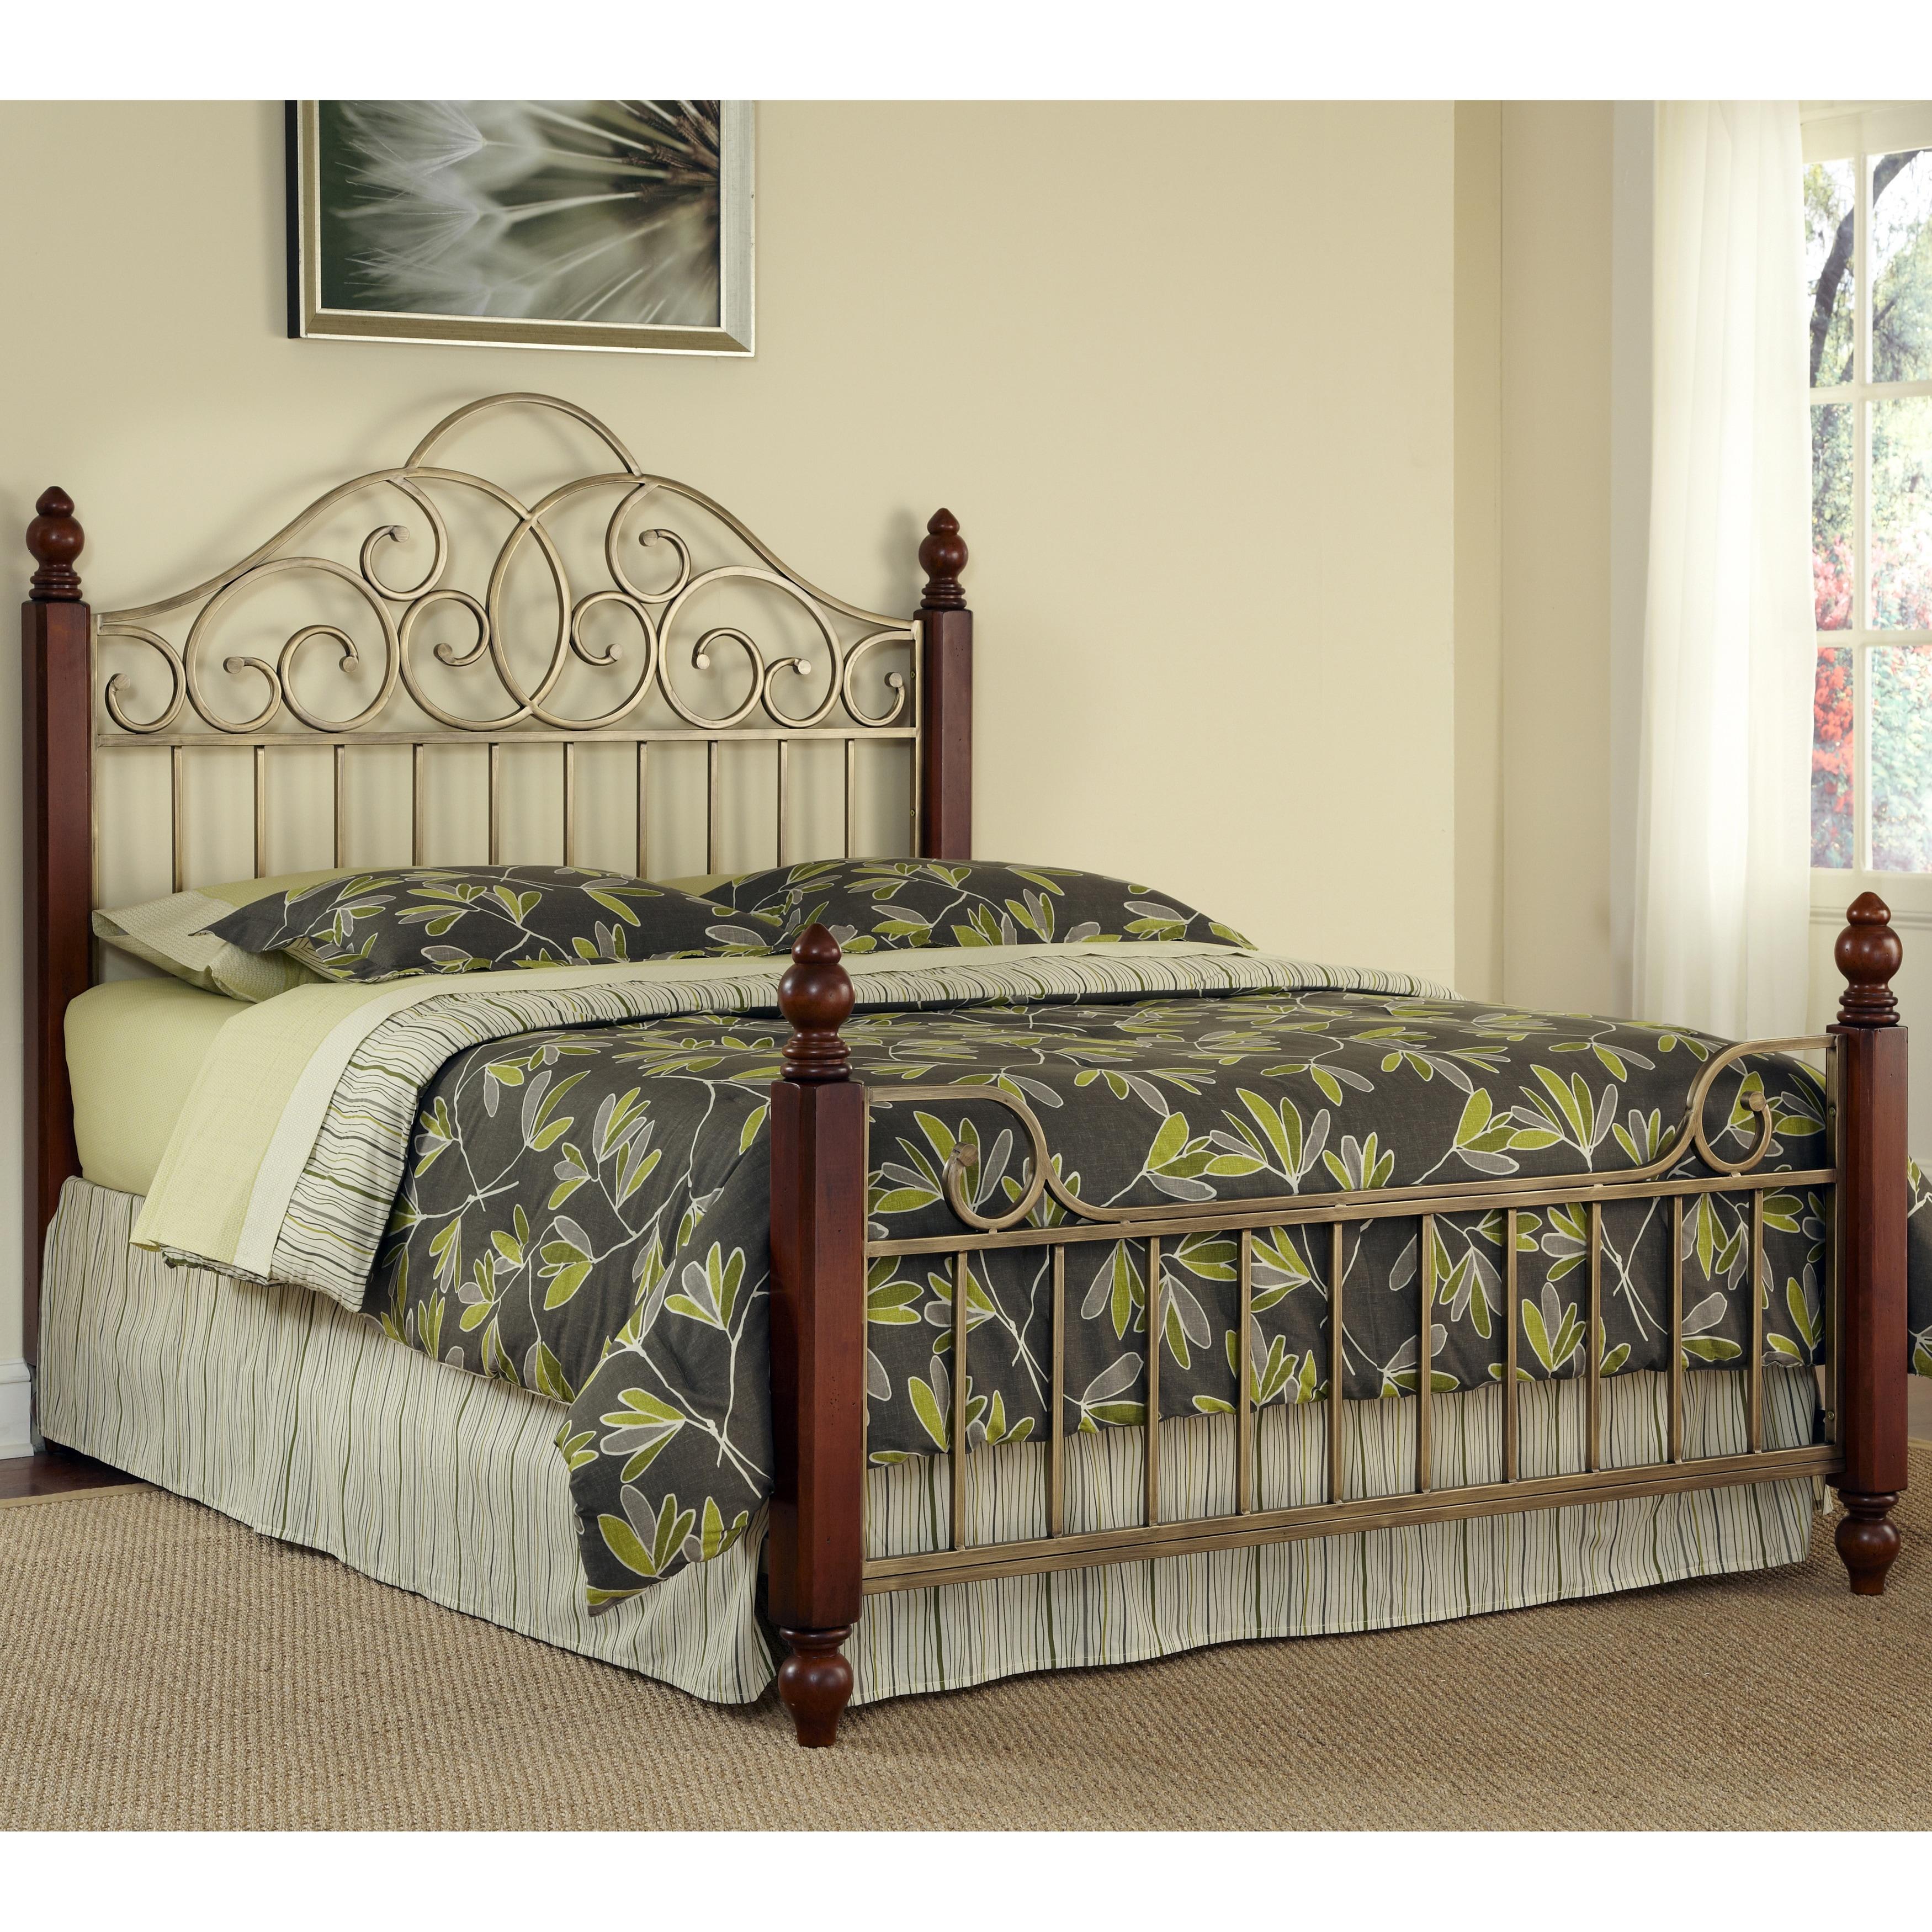 french country king bed frame solid wood bedroom set metal headboard footboard beds bed frames. Black Bedroom Furniture Sets. Home Design Ideas